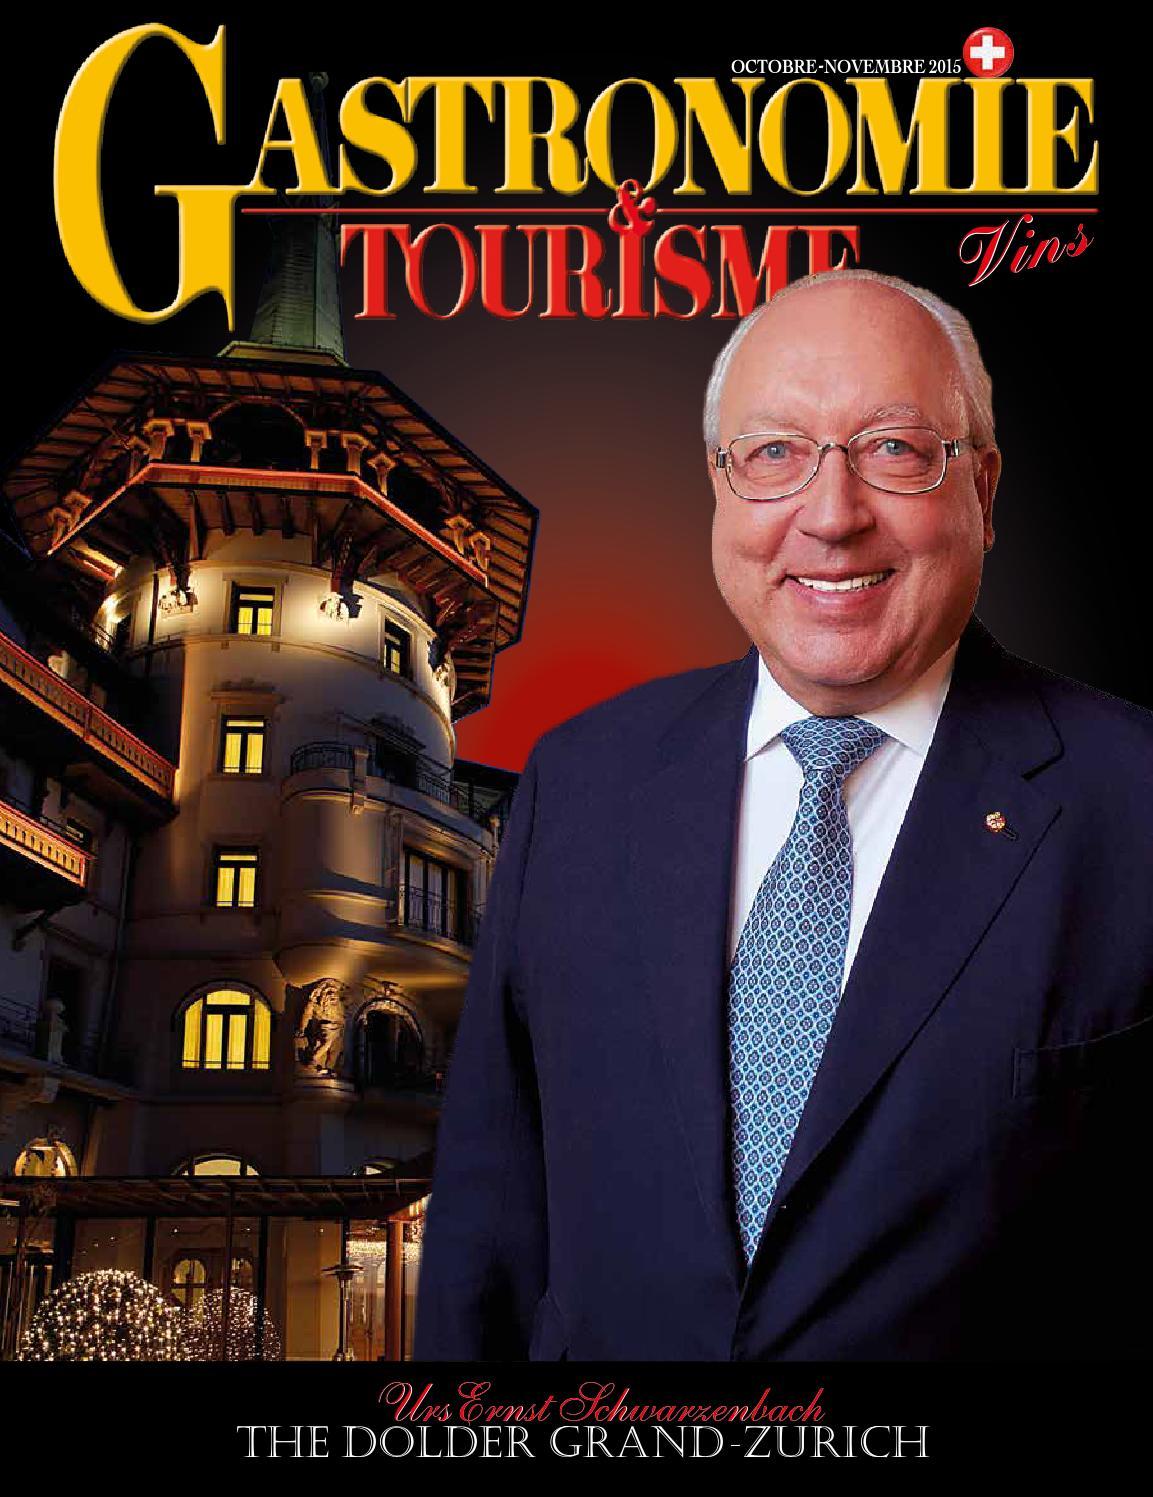 Gastronomie Et Tourisme Octobre Novembre 2015 By Alberto Dell Acqua Issuu